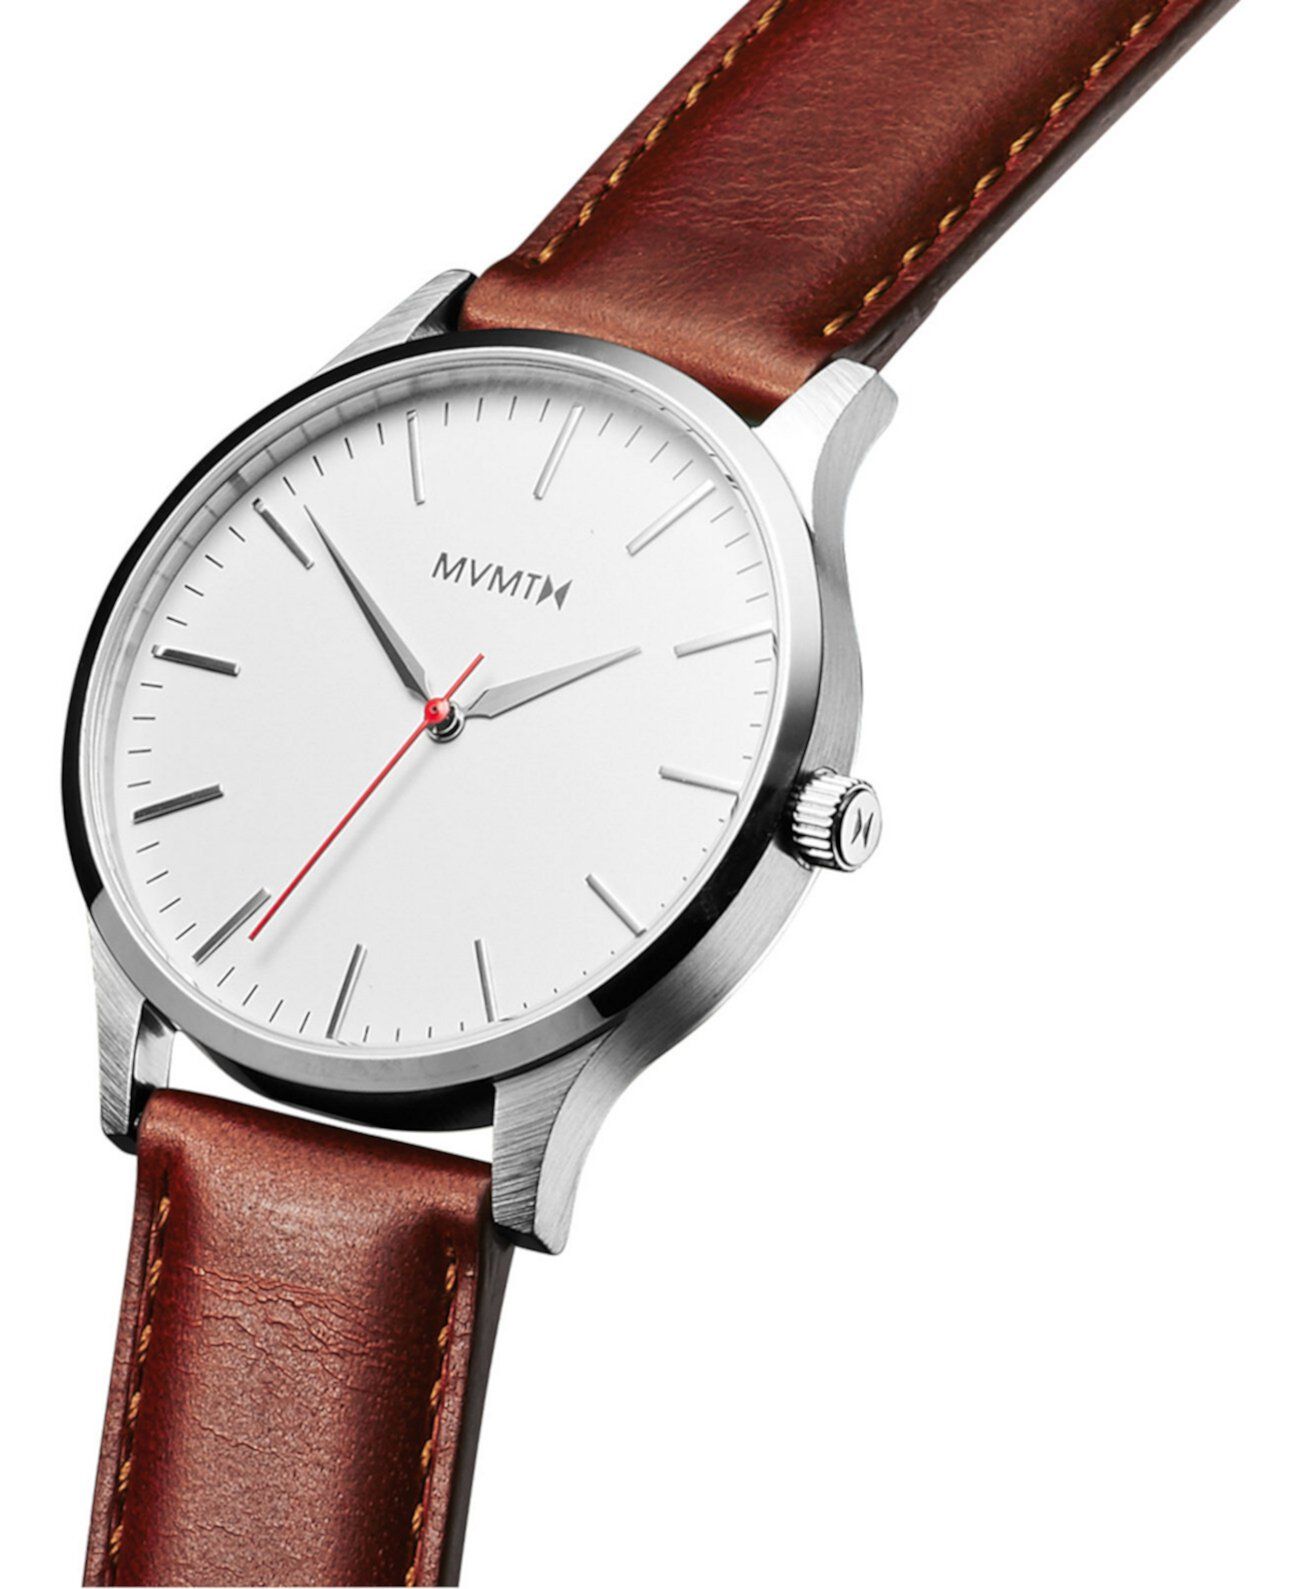 Мужские часы 40-й серии с коричневым кожаным ремешком 40мм MVMT